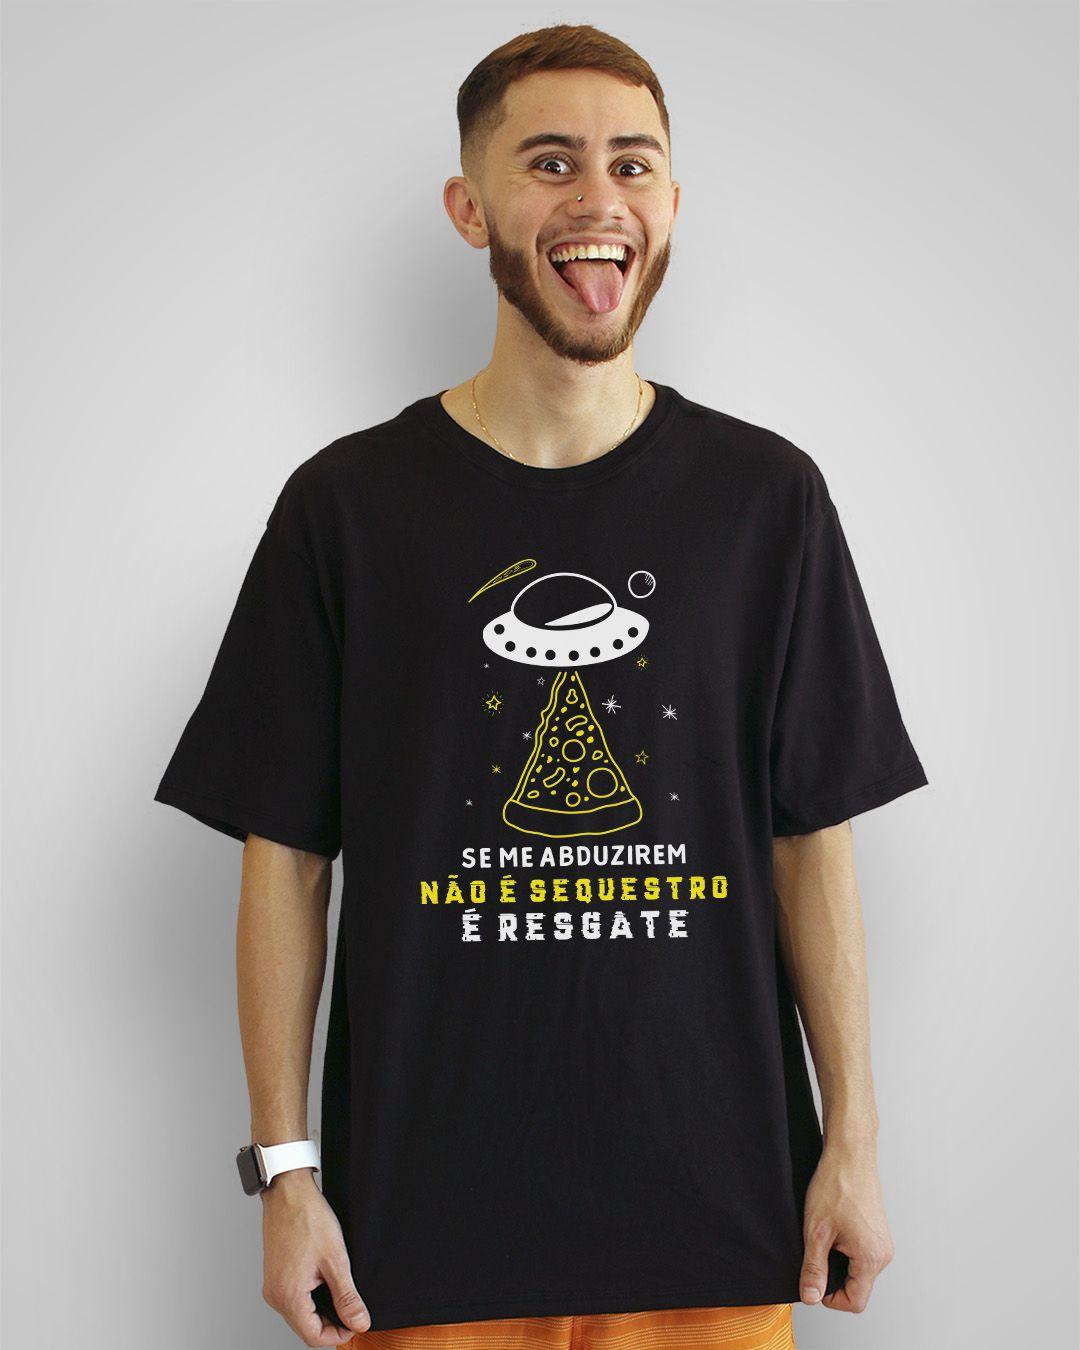 Camiseta Se me abduzirem, não é sequestro, é resgate